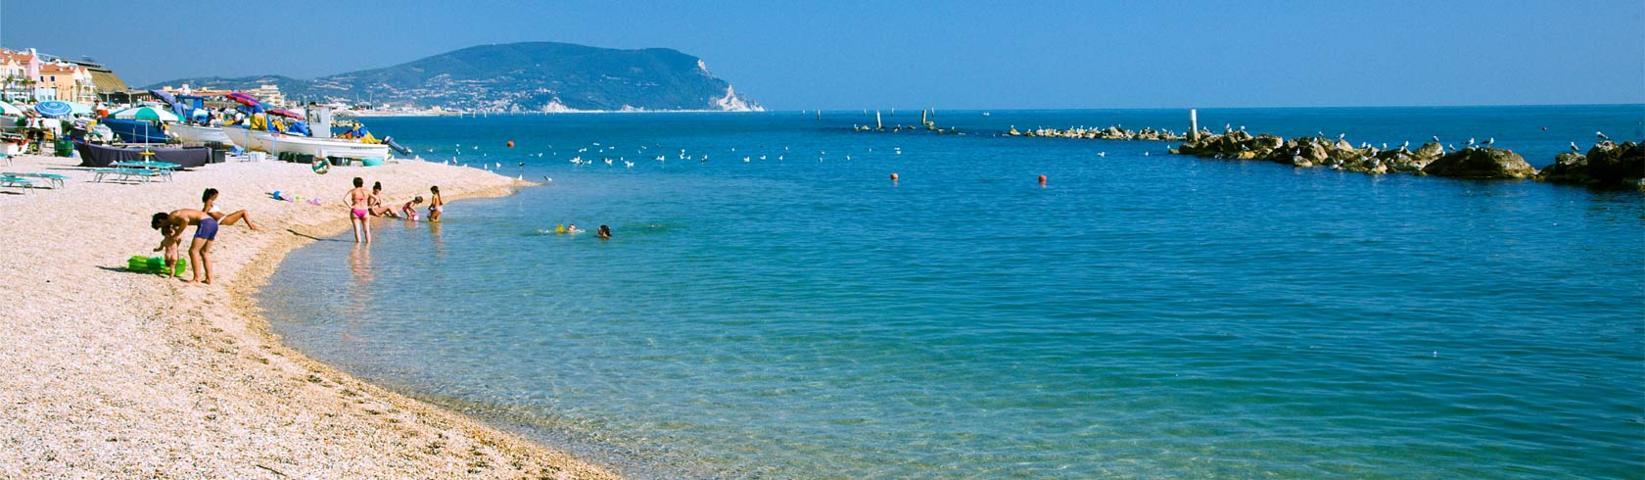 Il panorama della spiaggia di Porto Recanati